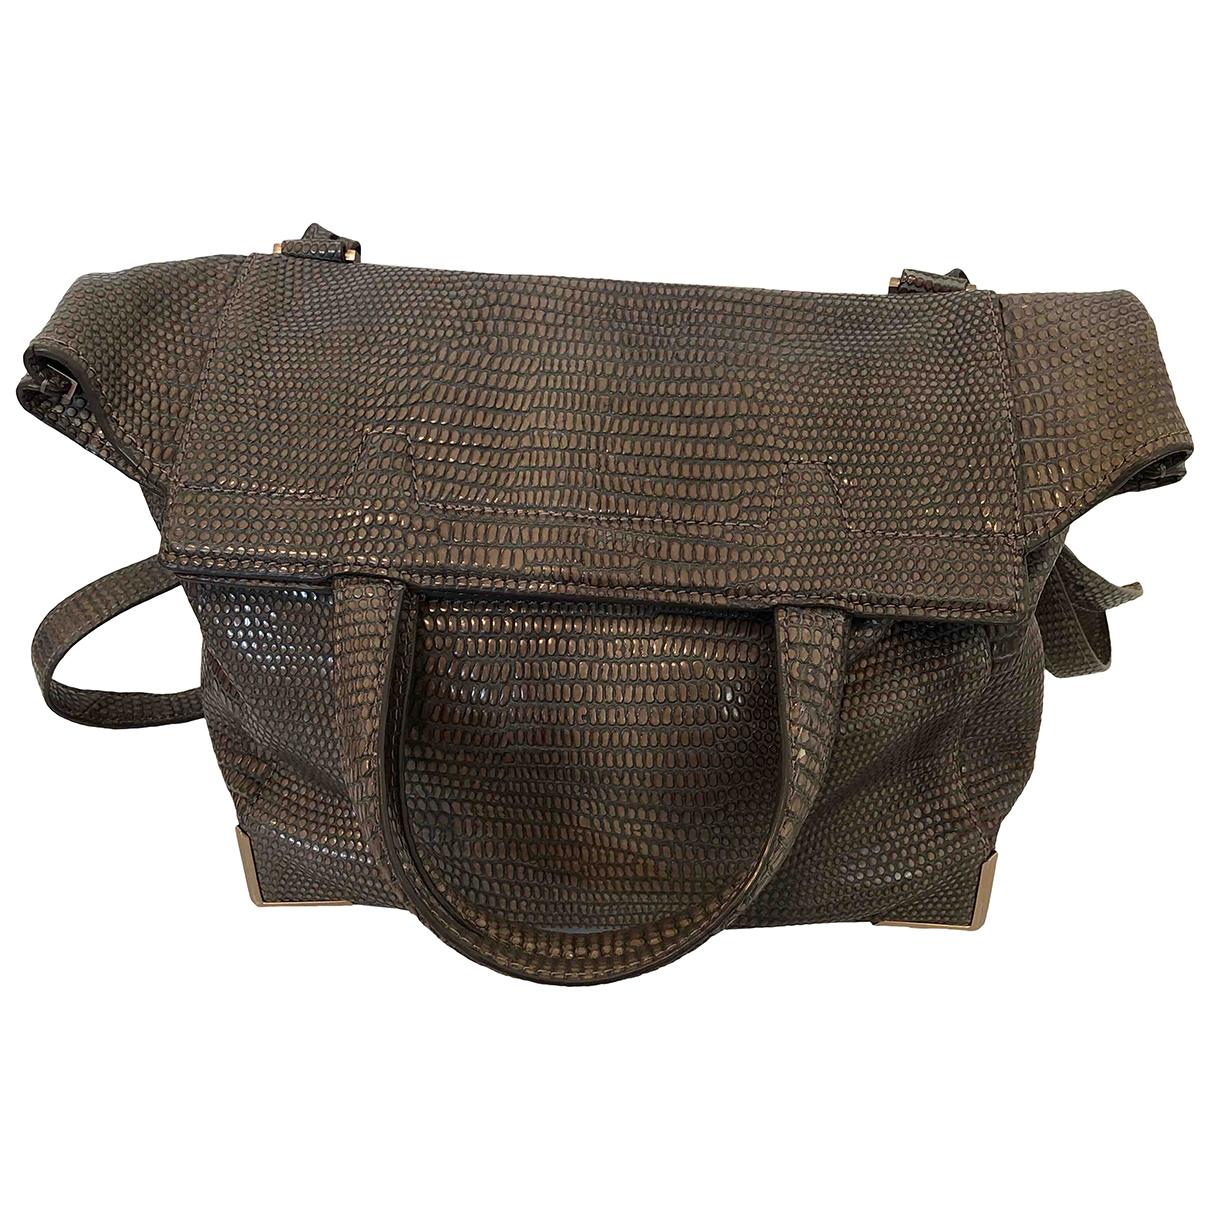 Alexander Wang \N Handtasche in  Grau Leder